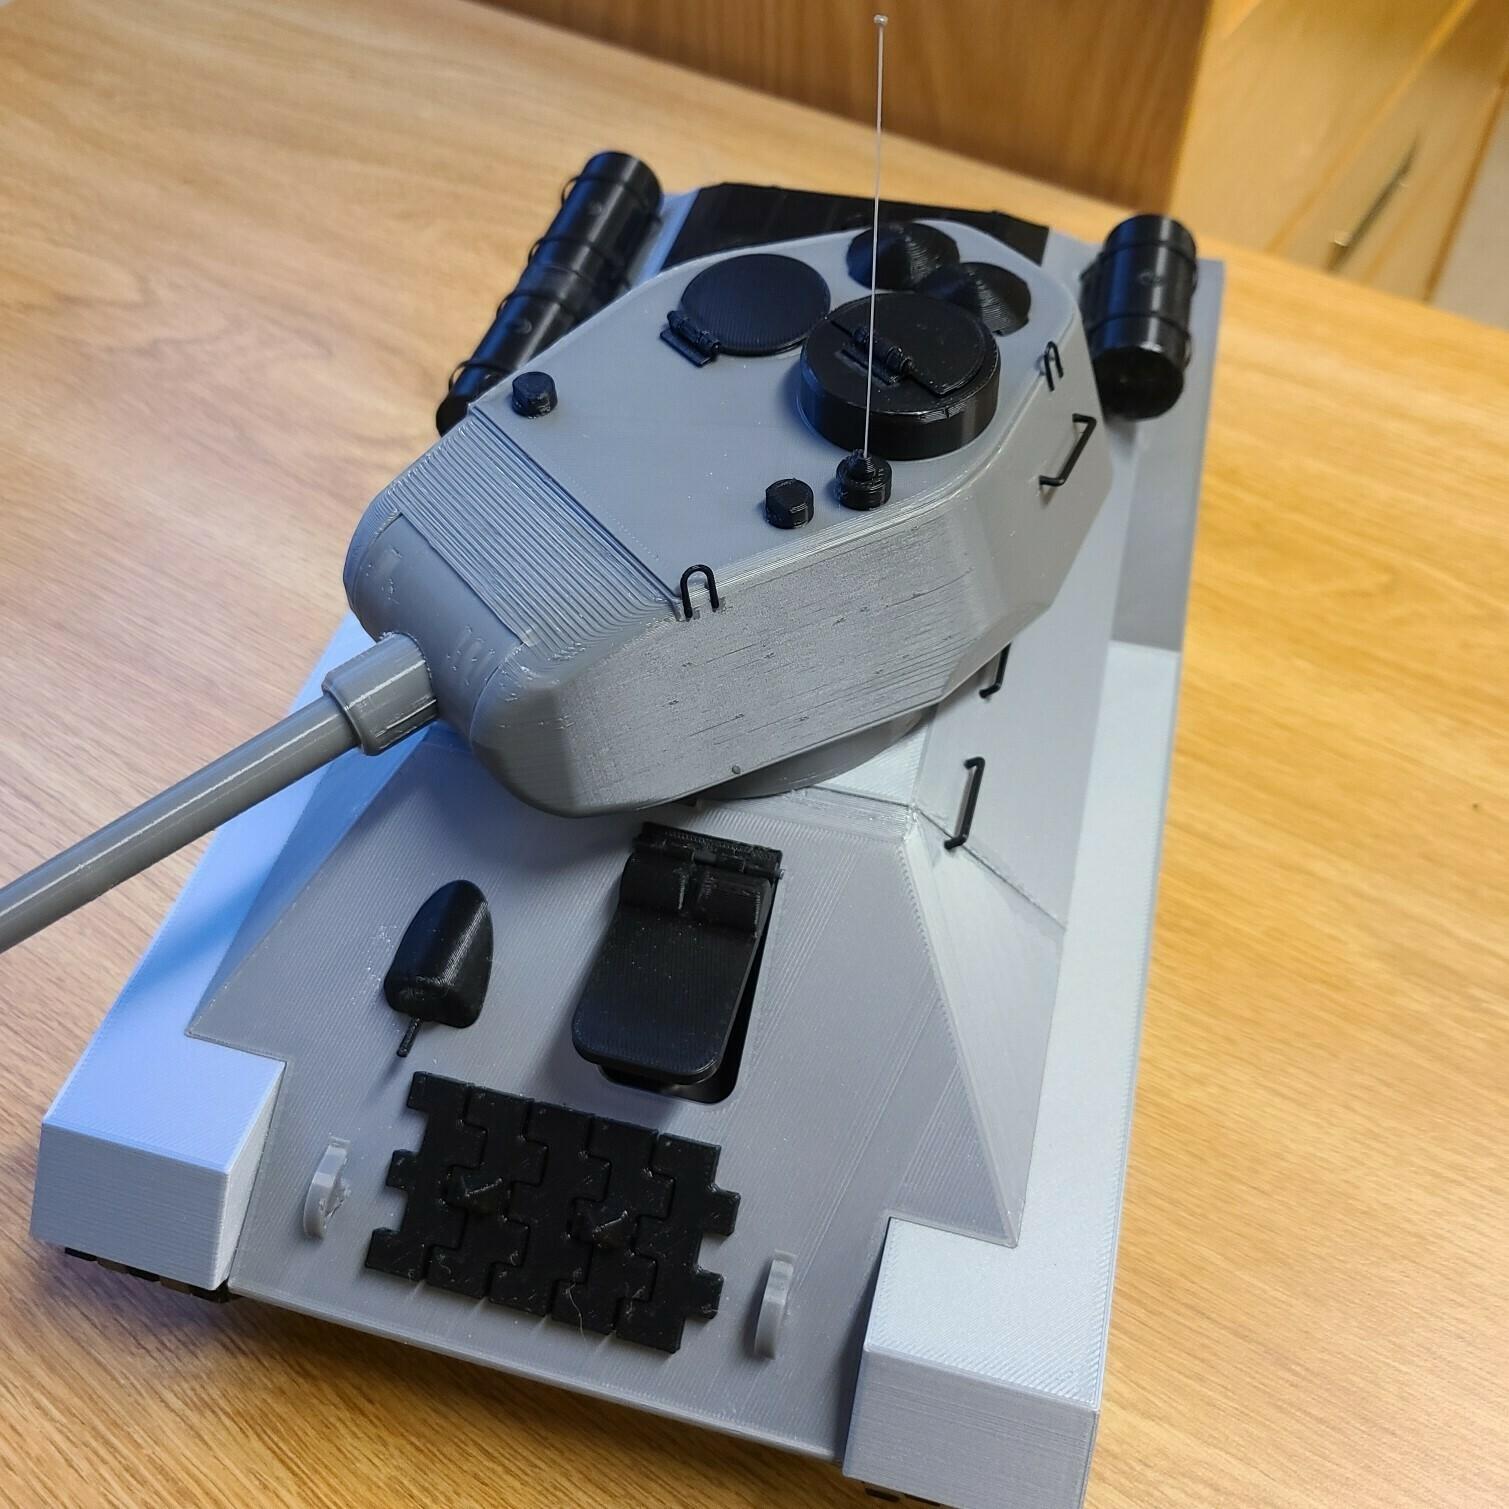 top.jpg Download STL file T-34/85 RC Model 1:16 scale • 3D printing template, mactek3d